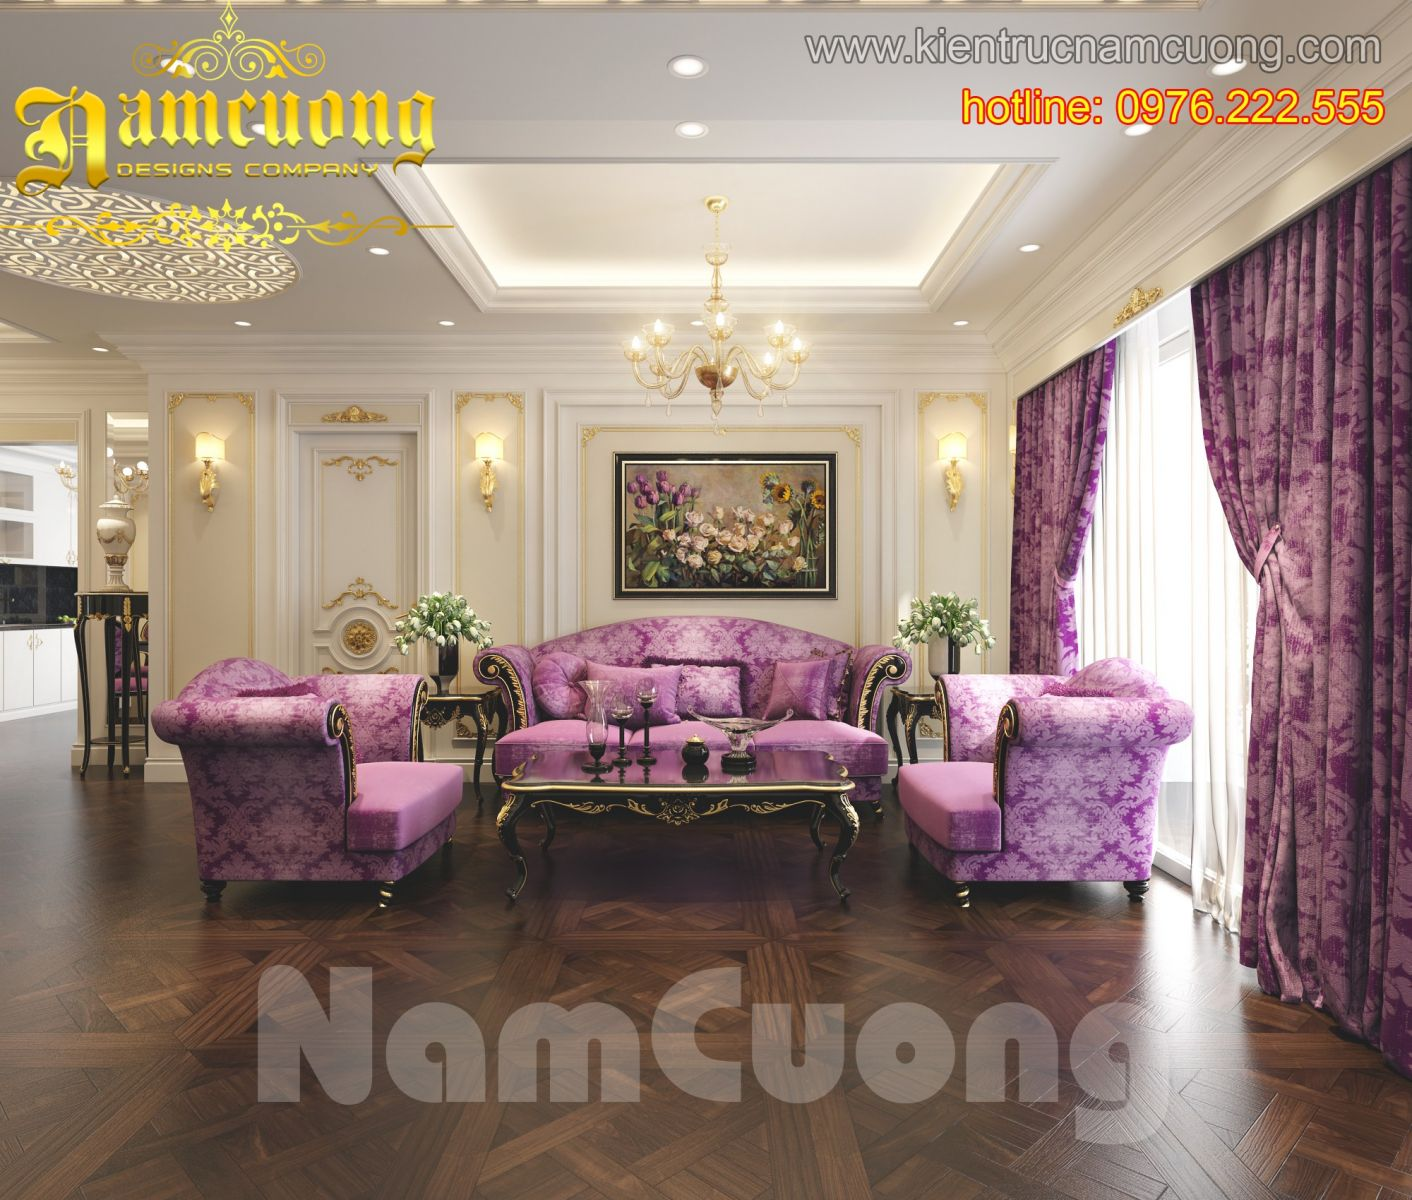 Thiết kế nội thất đẹp biệt thự Pháp tại Sài Gòn - NTBTP 007